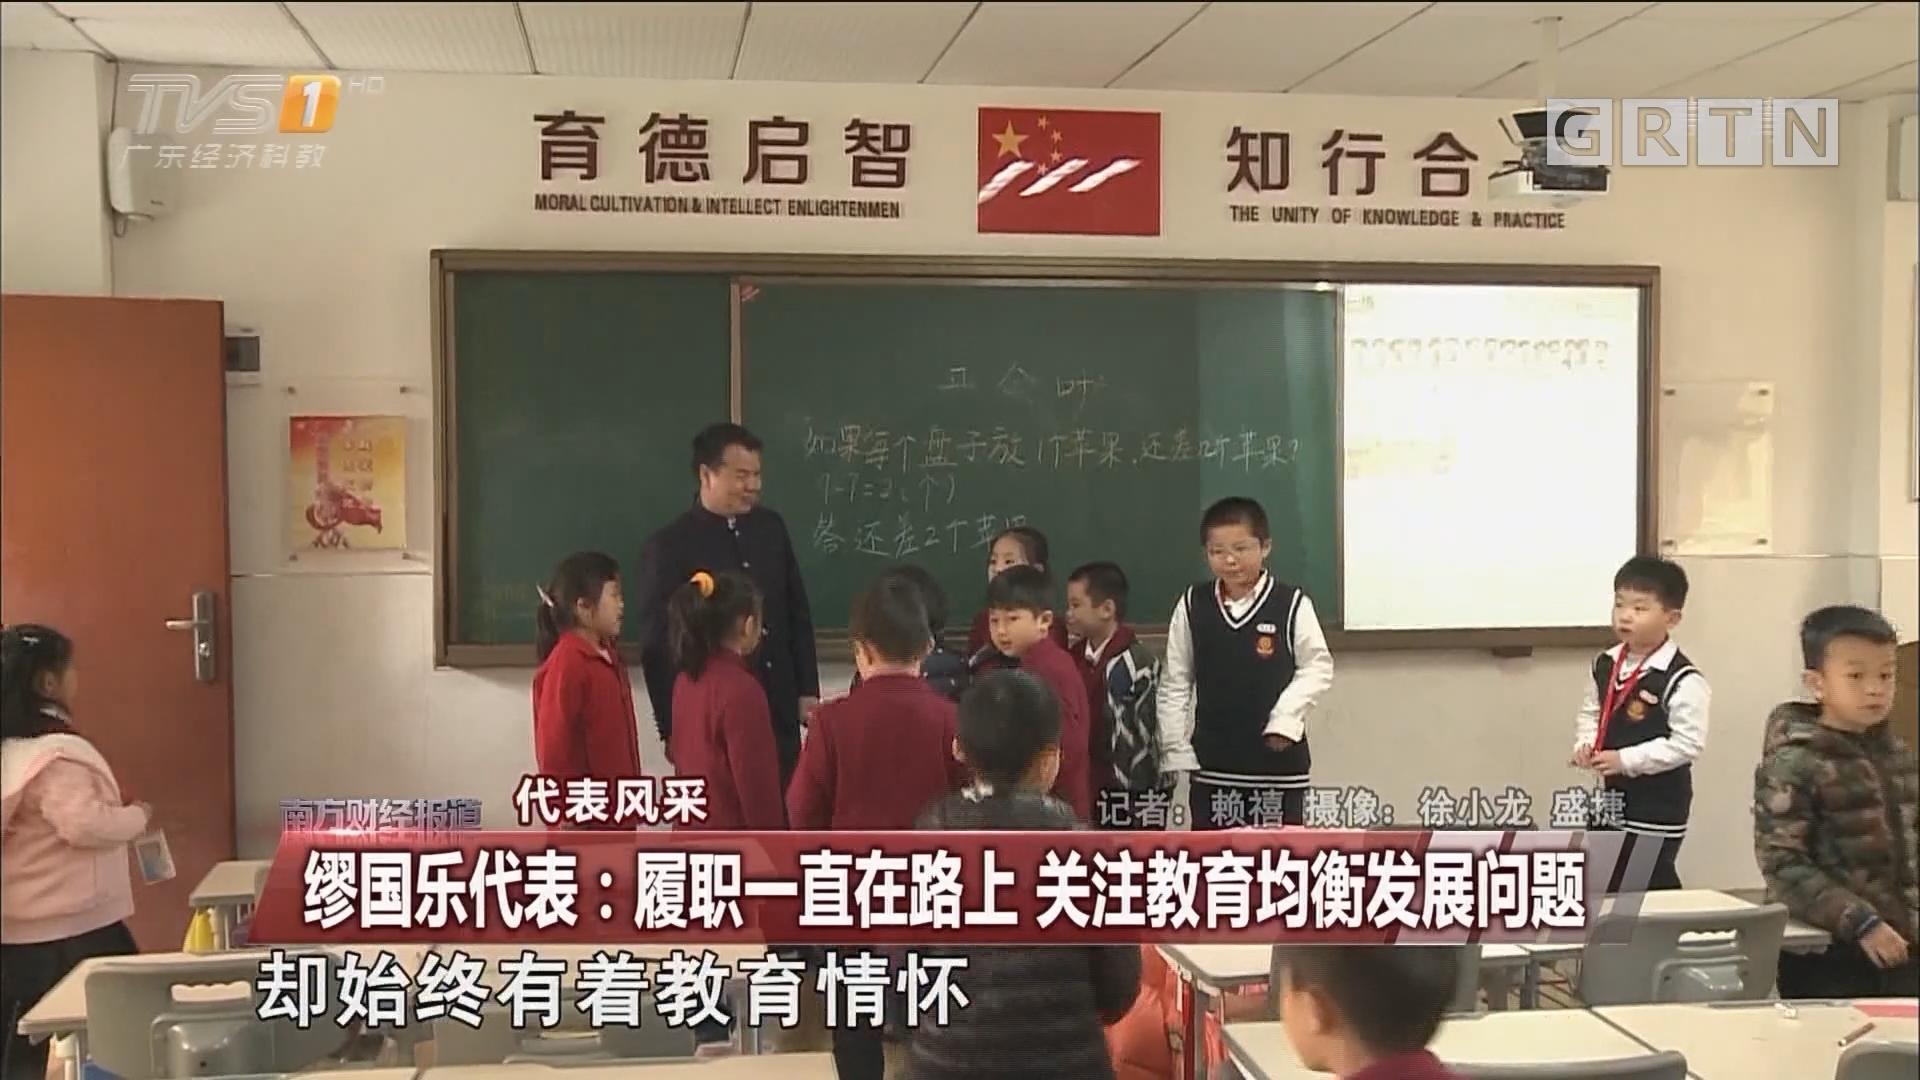 代表风采 缪国乐代表:履职一直在路上 关注教育均衡发展问题